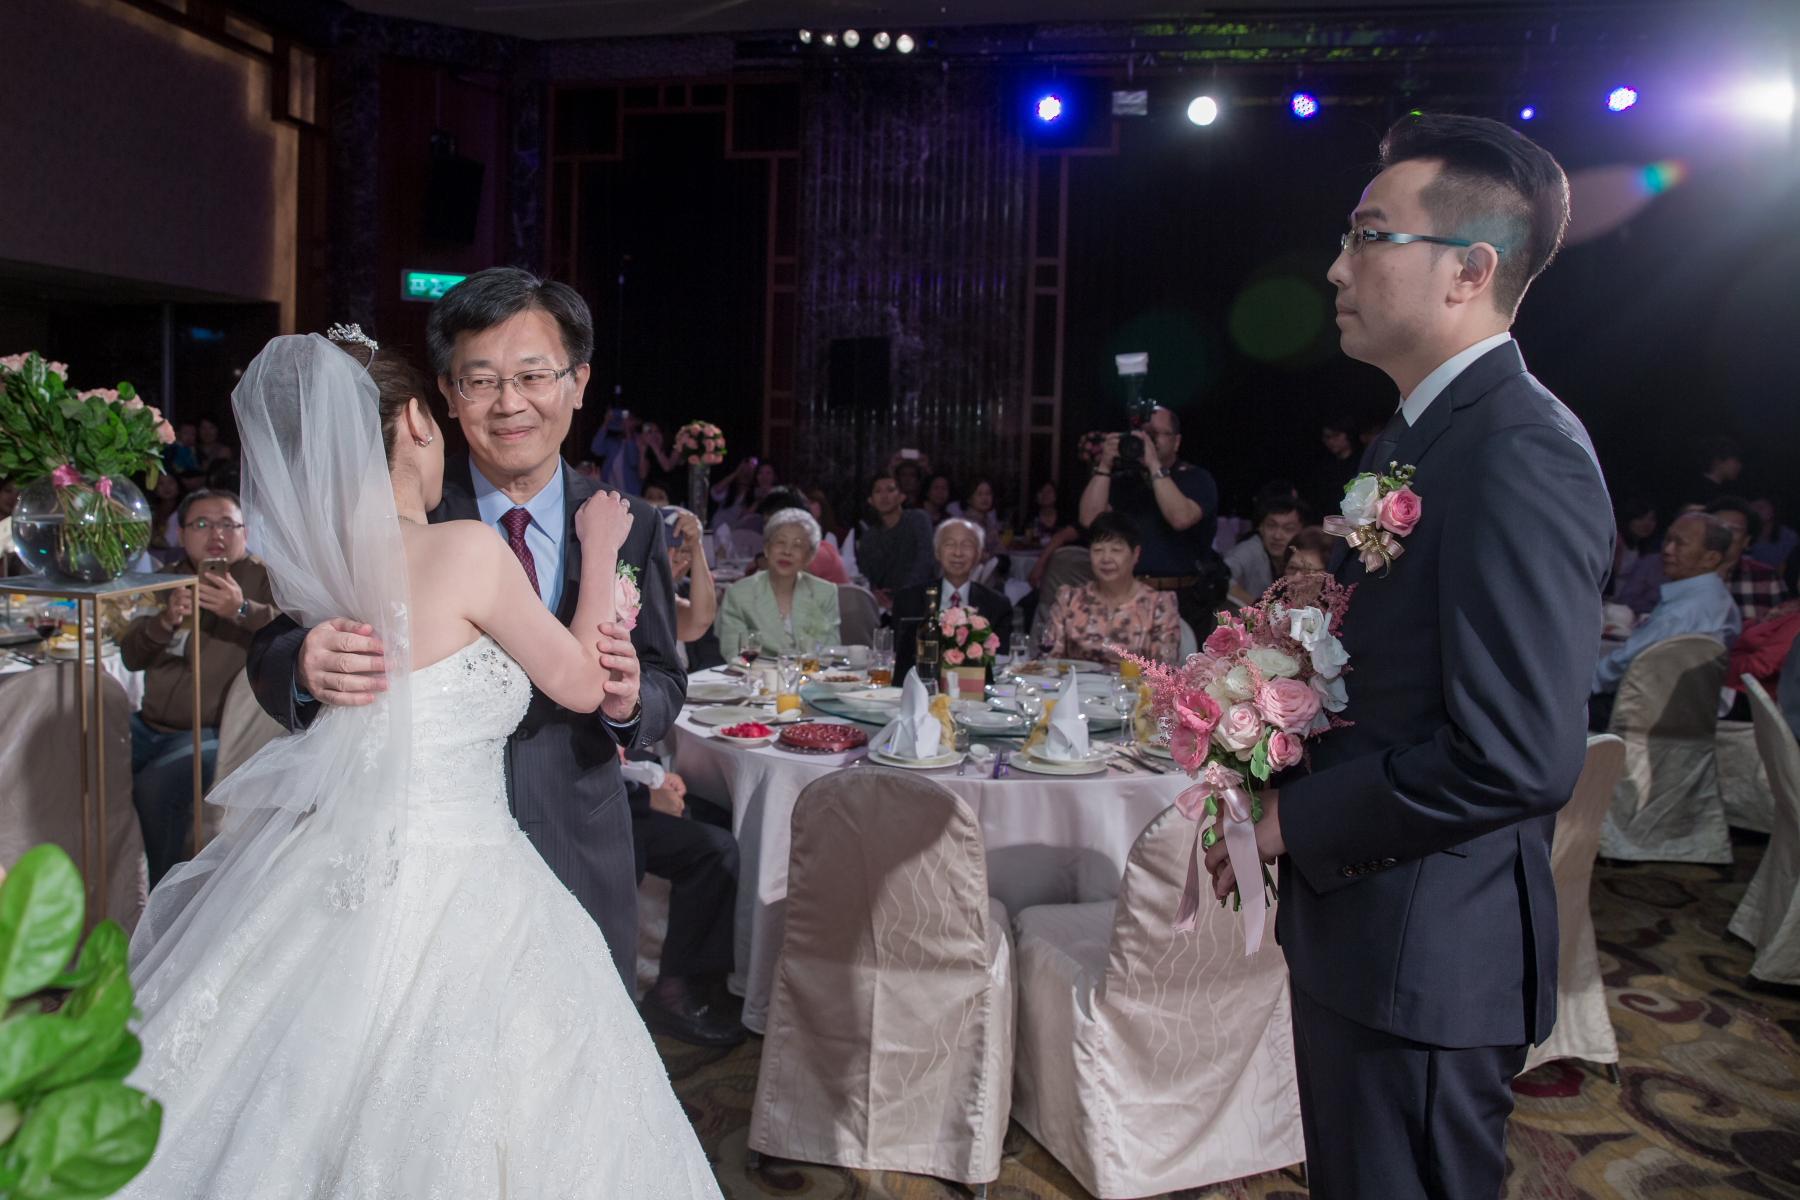 鴻璿鈺婷婚禮642